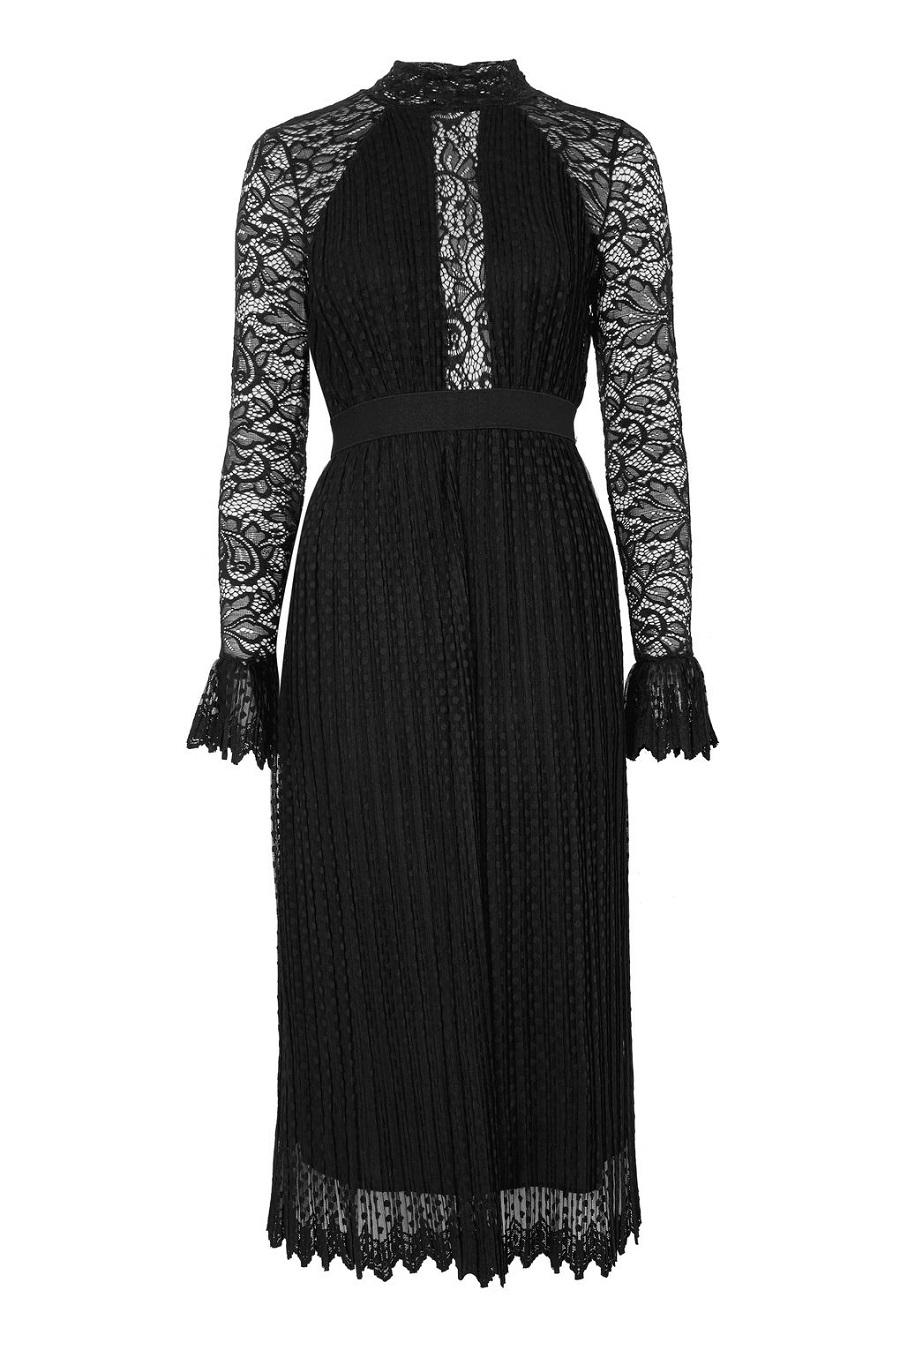 El perfecto vestido de noche 626568315b29